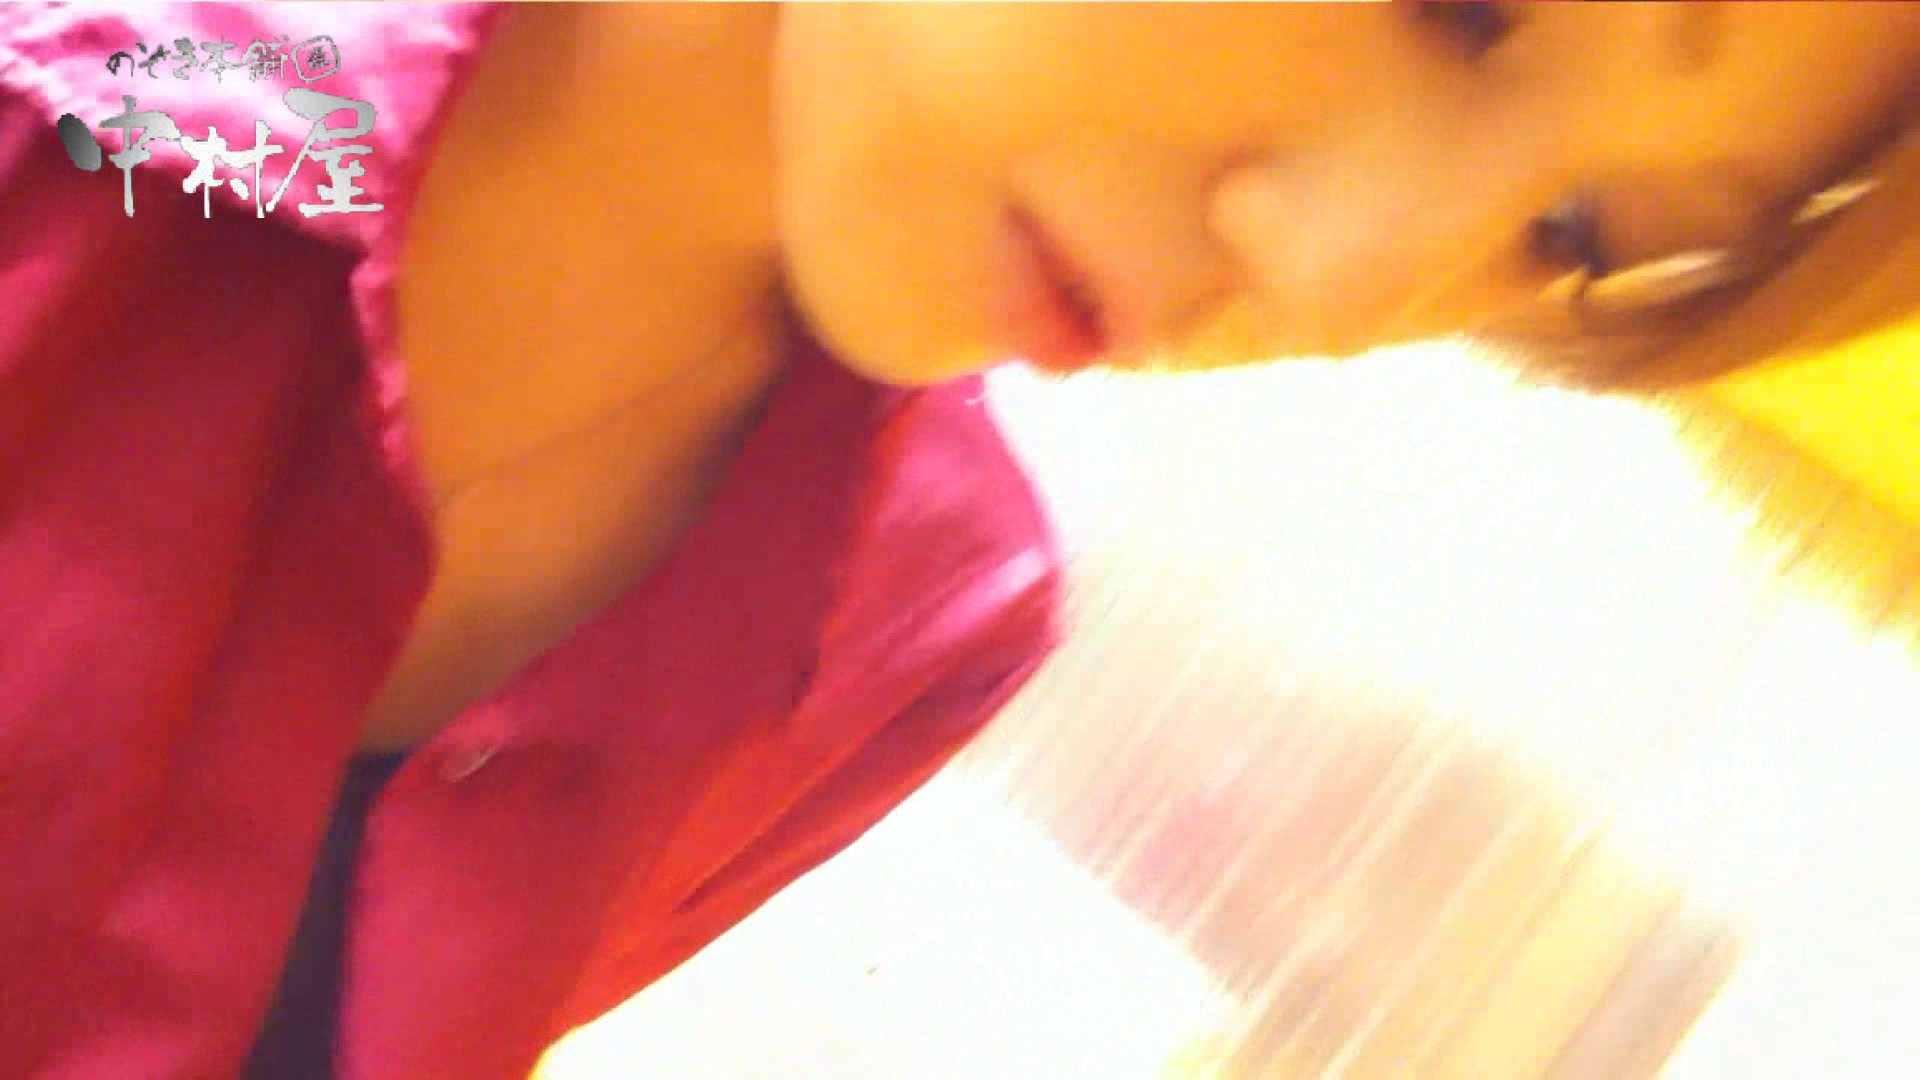 vol.48可愛いカリスマ店員胸チラ&パンチラ アニメ声の店員さん パンチラ  110画像 55